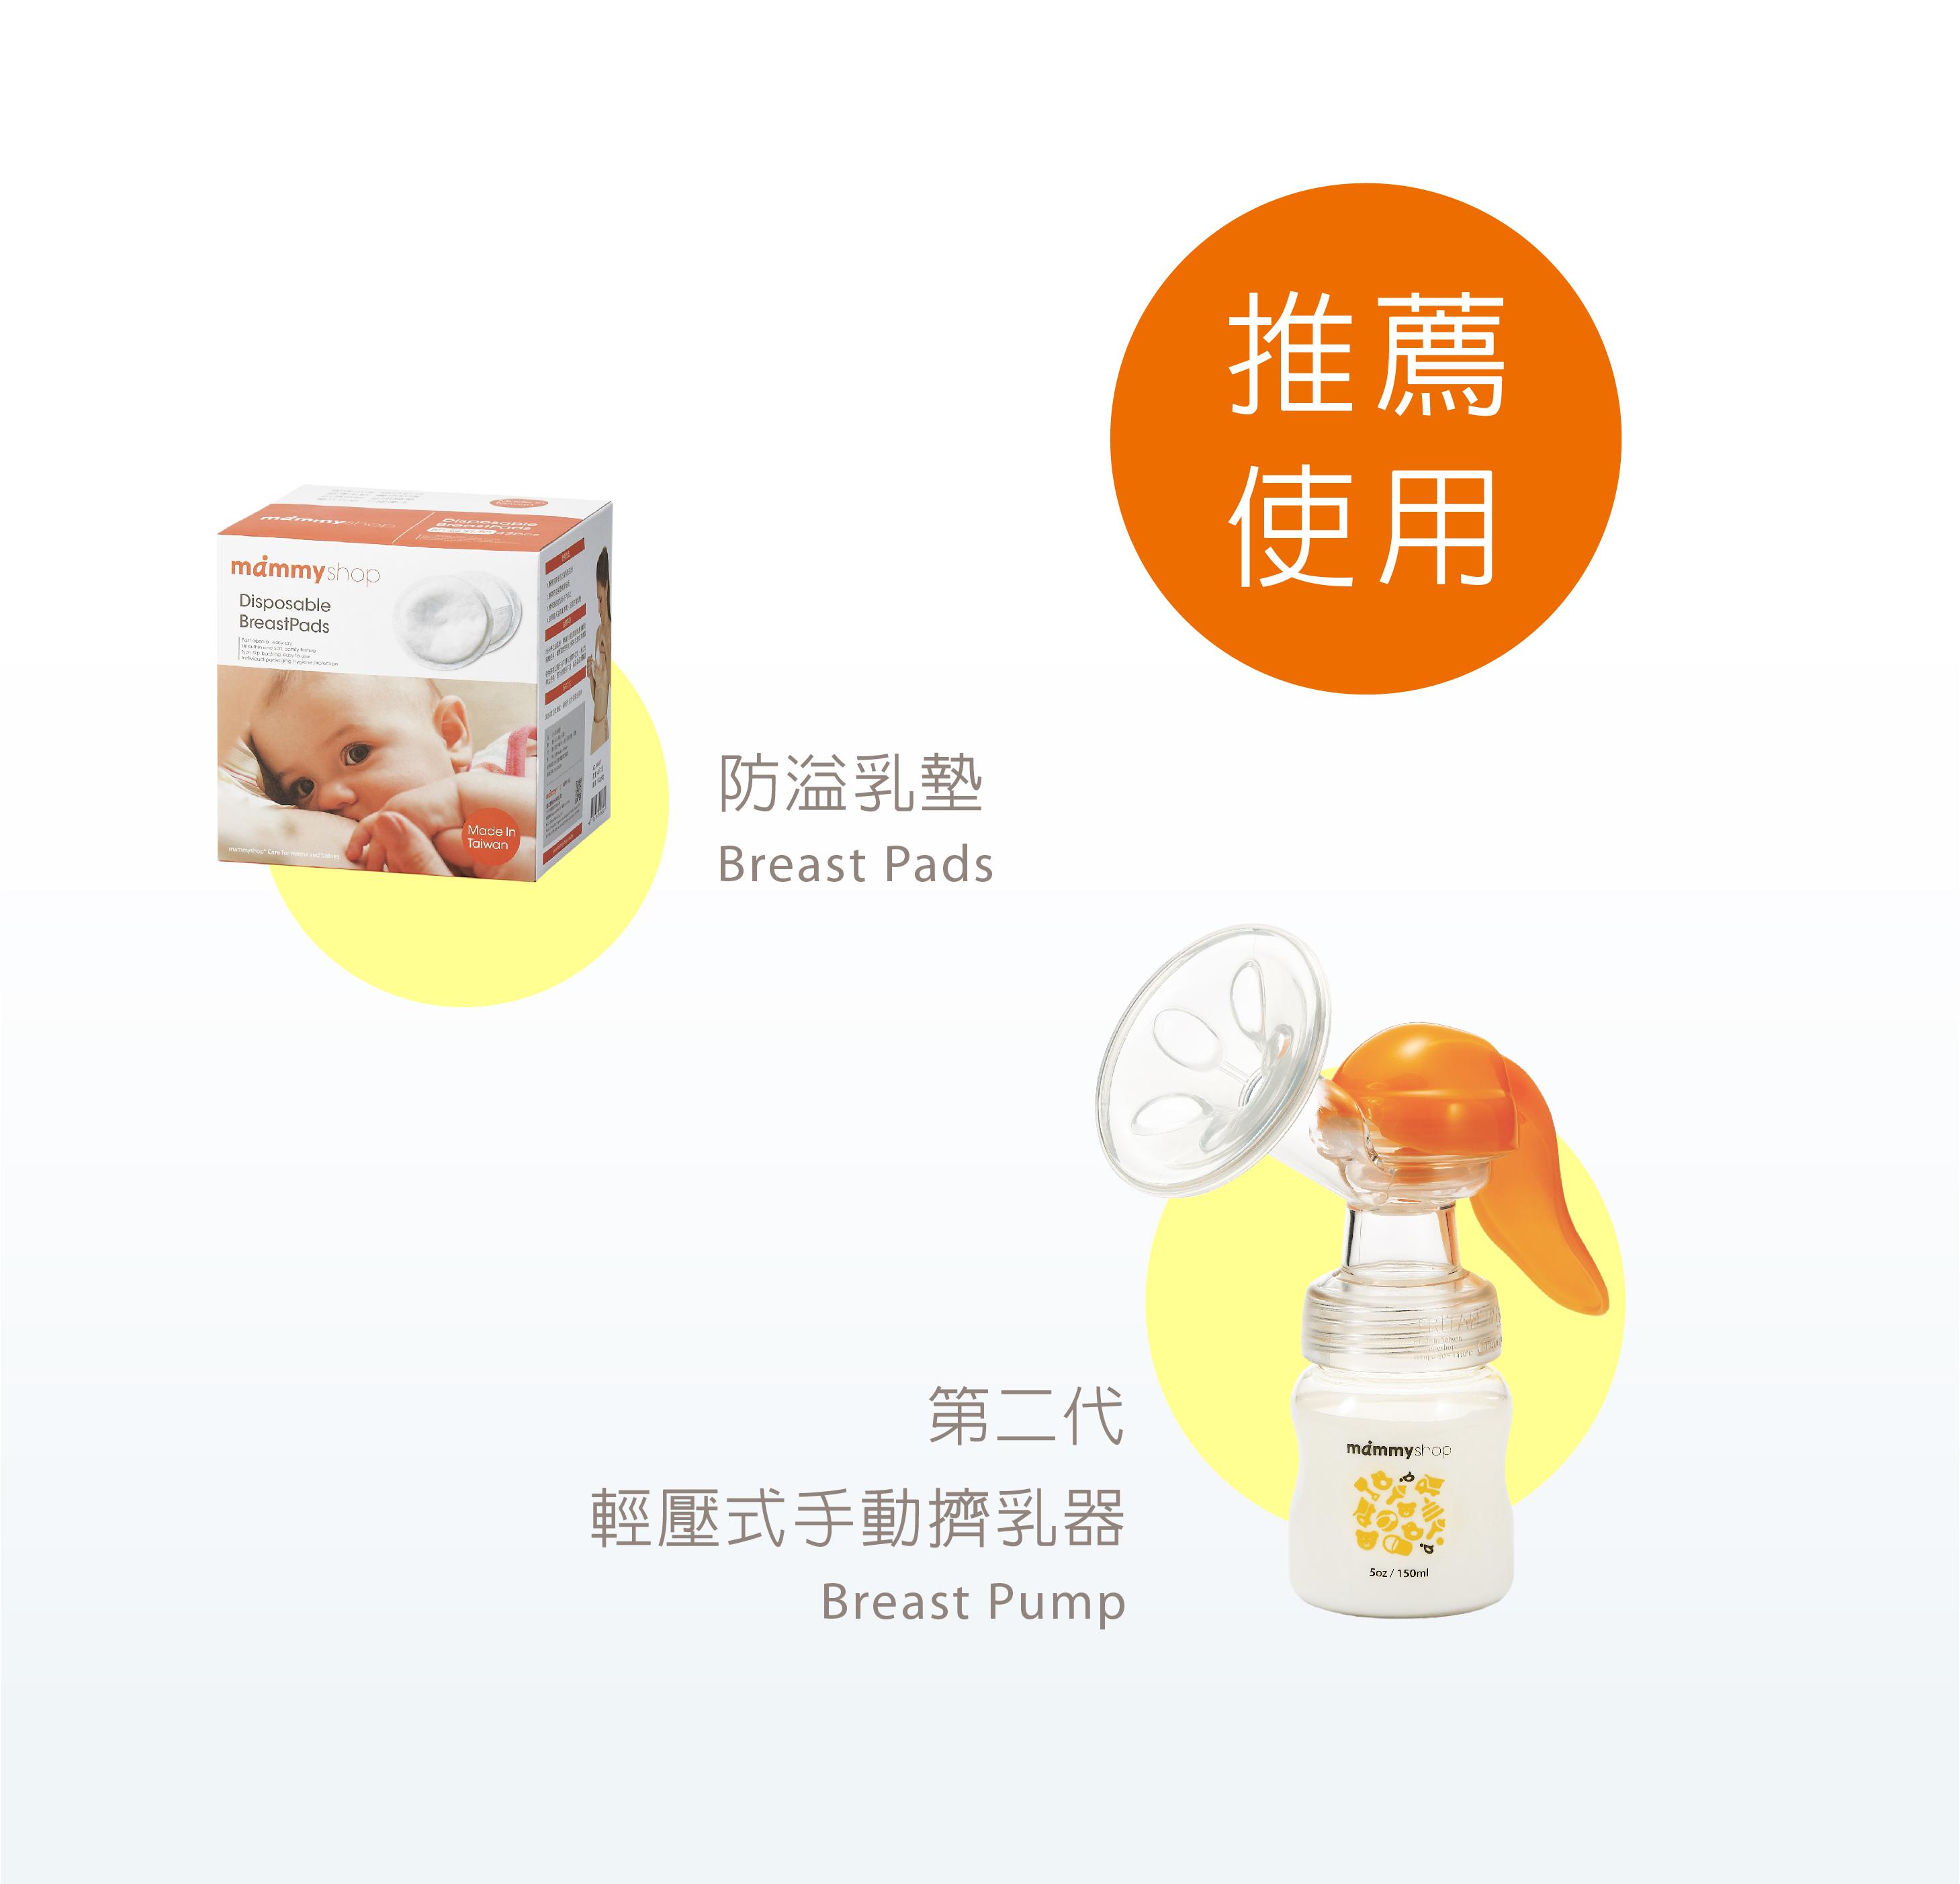 母感體驗-母乳儲存袋-200ml推薦使用